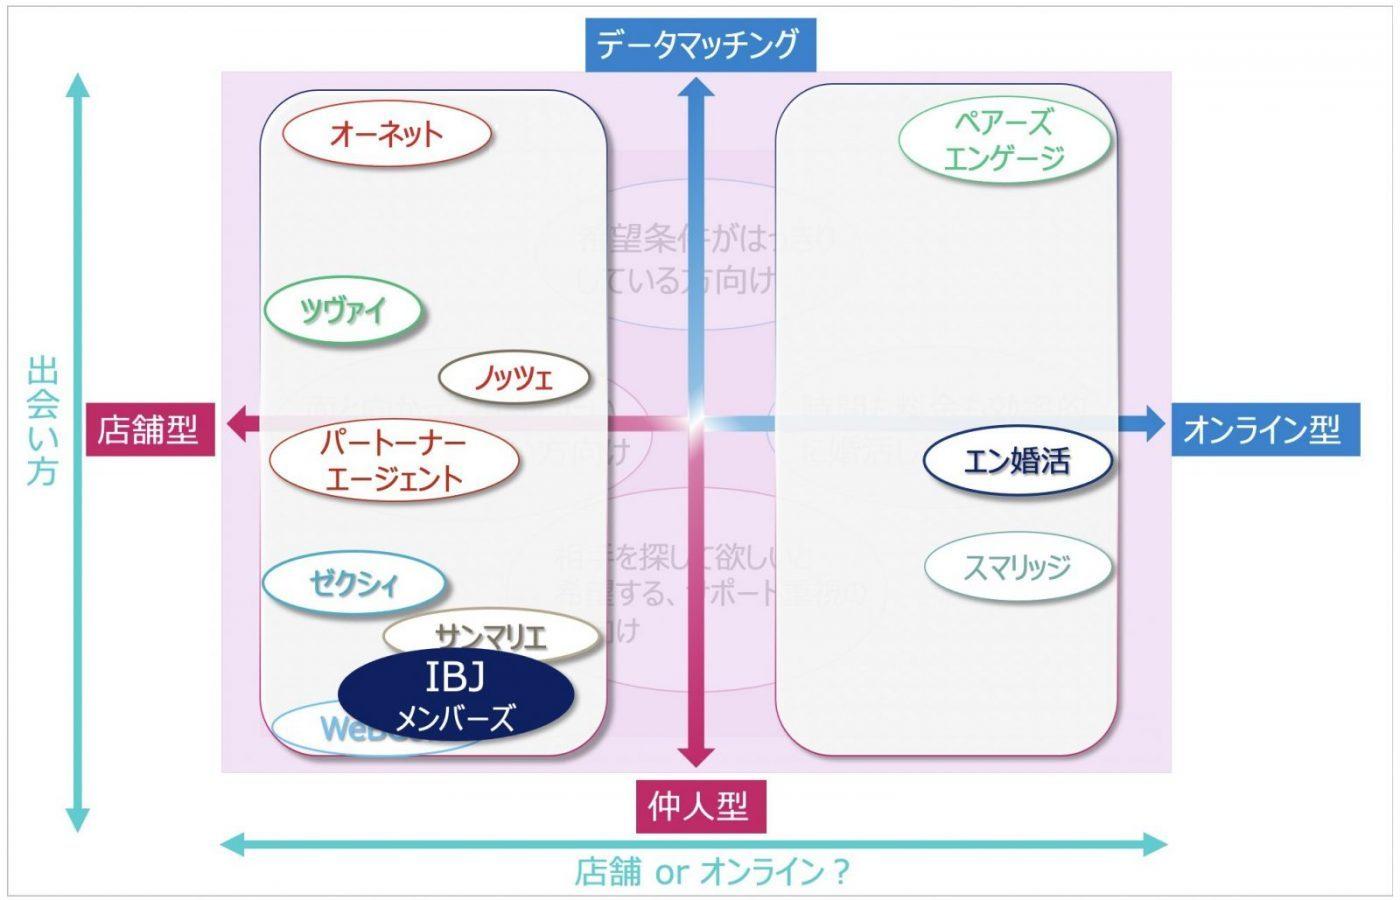 結婚相談所-マトリックス図-IBJ